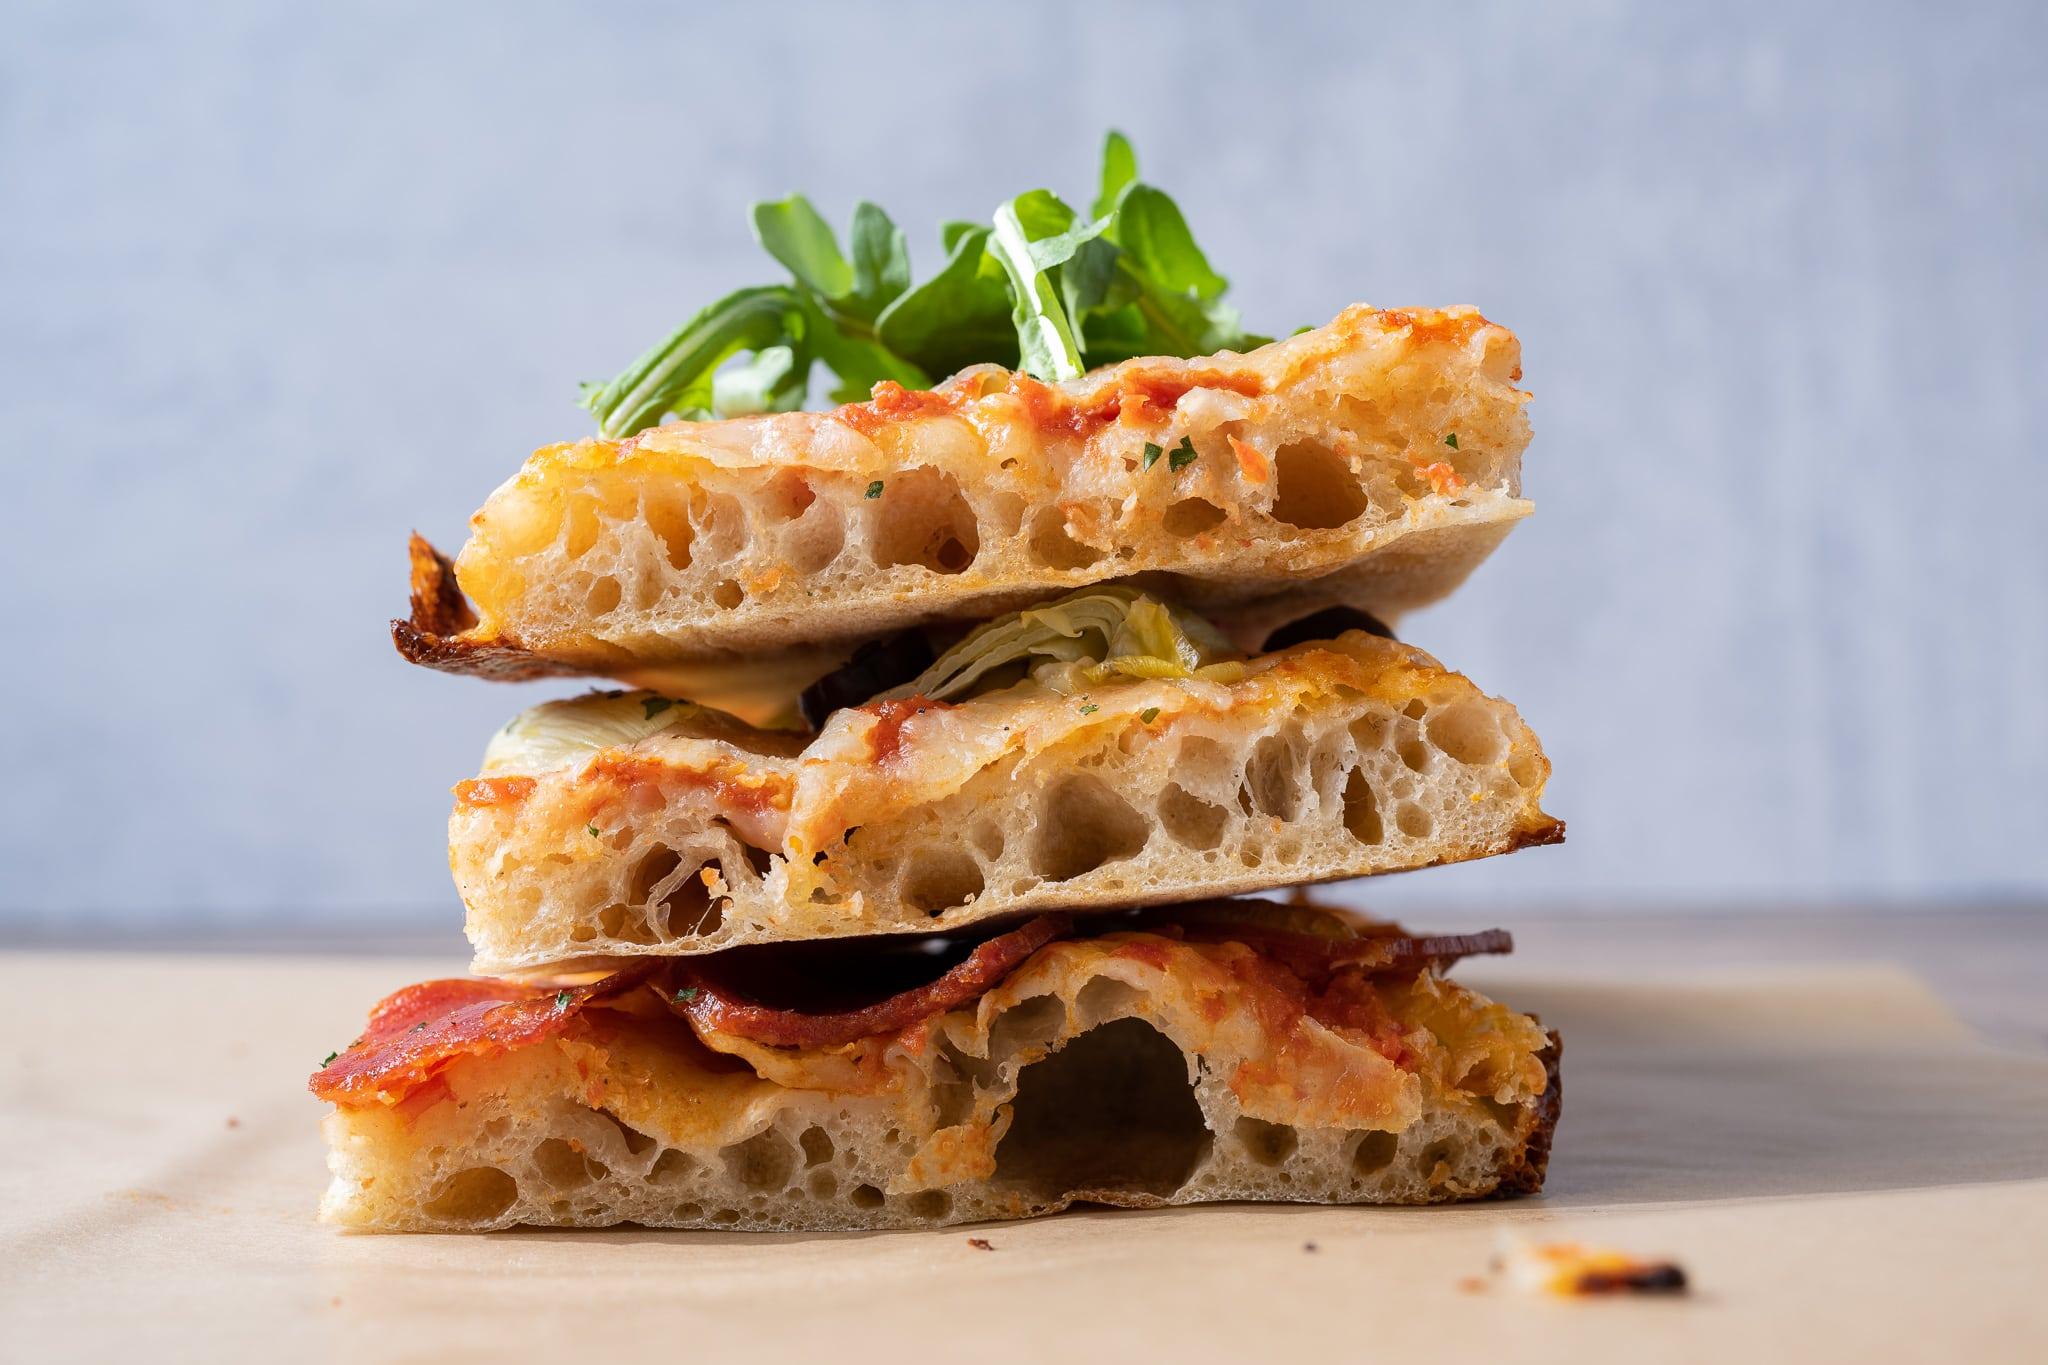 Sourdough sheet pan pizza